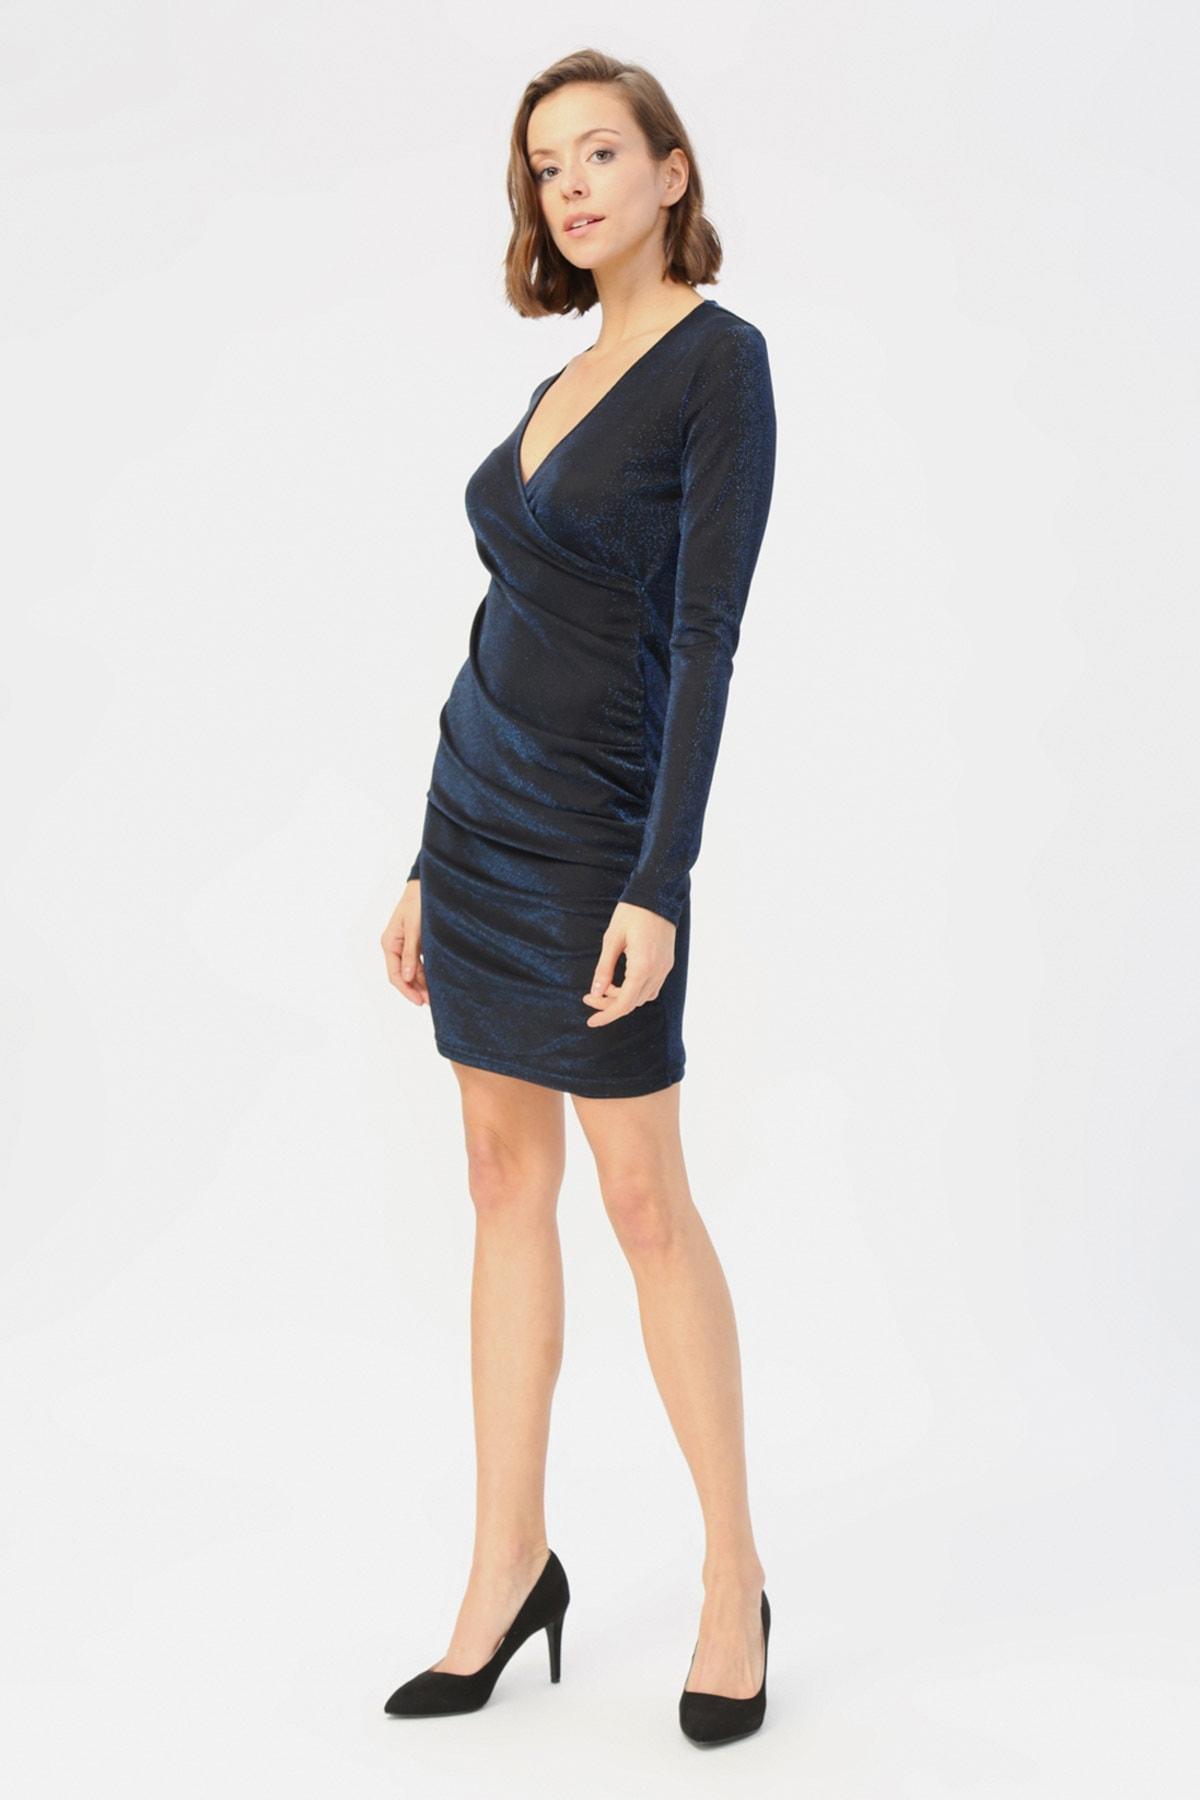 Vero Moda Kadın Mavi Parıltılı Kruvaze Yaka Elbise MDENISE 2